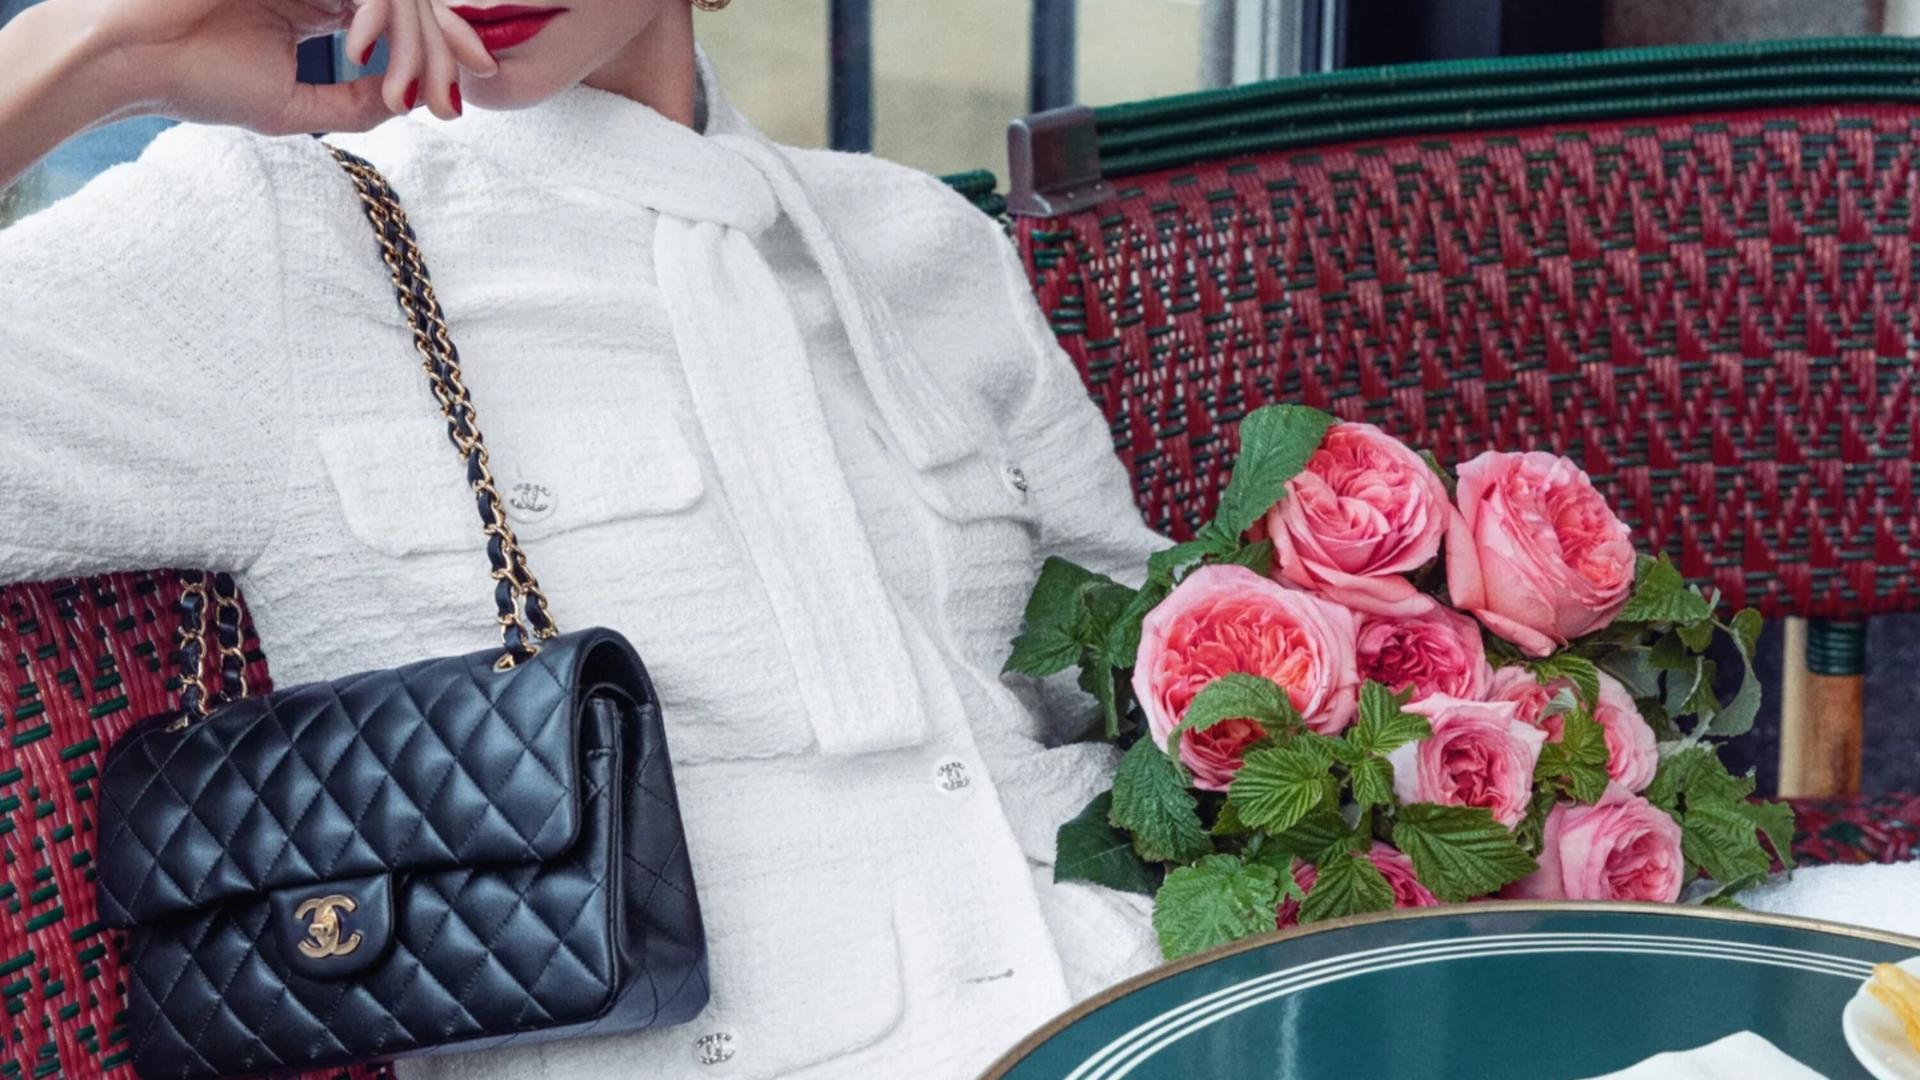 Seis bolsos de lujo de las grandes marcas